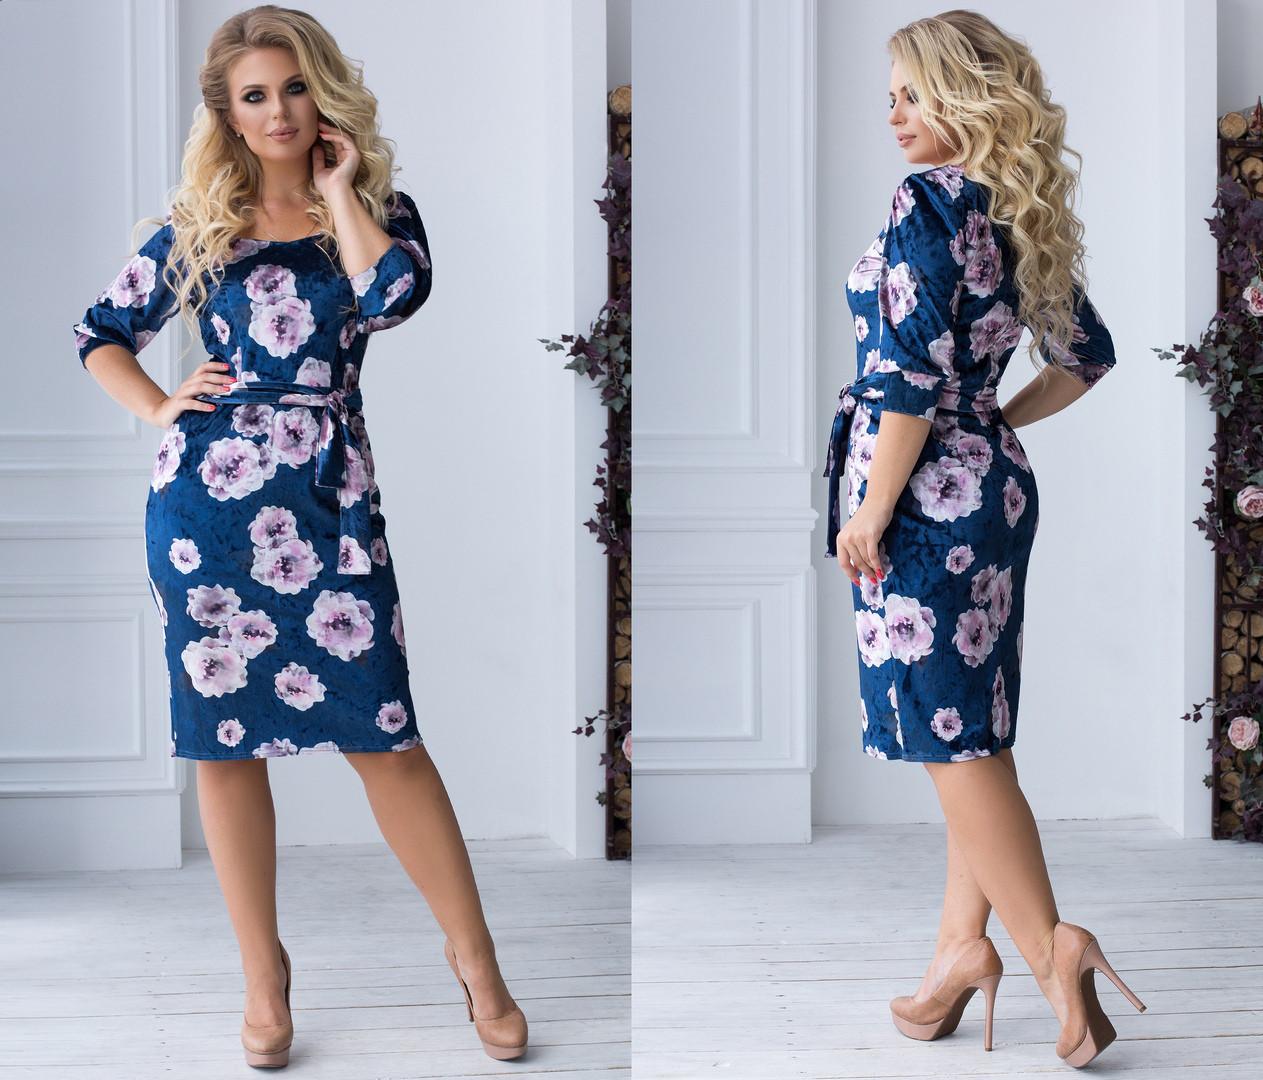 Велюровое платье больших размеров 48+  приталенного кроя с принтом  / 2 цвета арт 6689-93